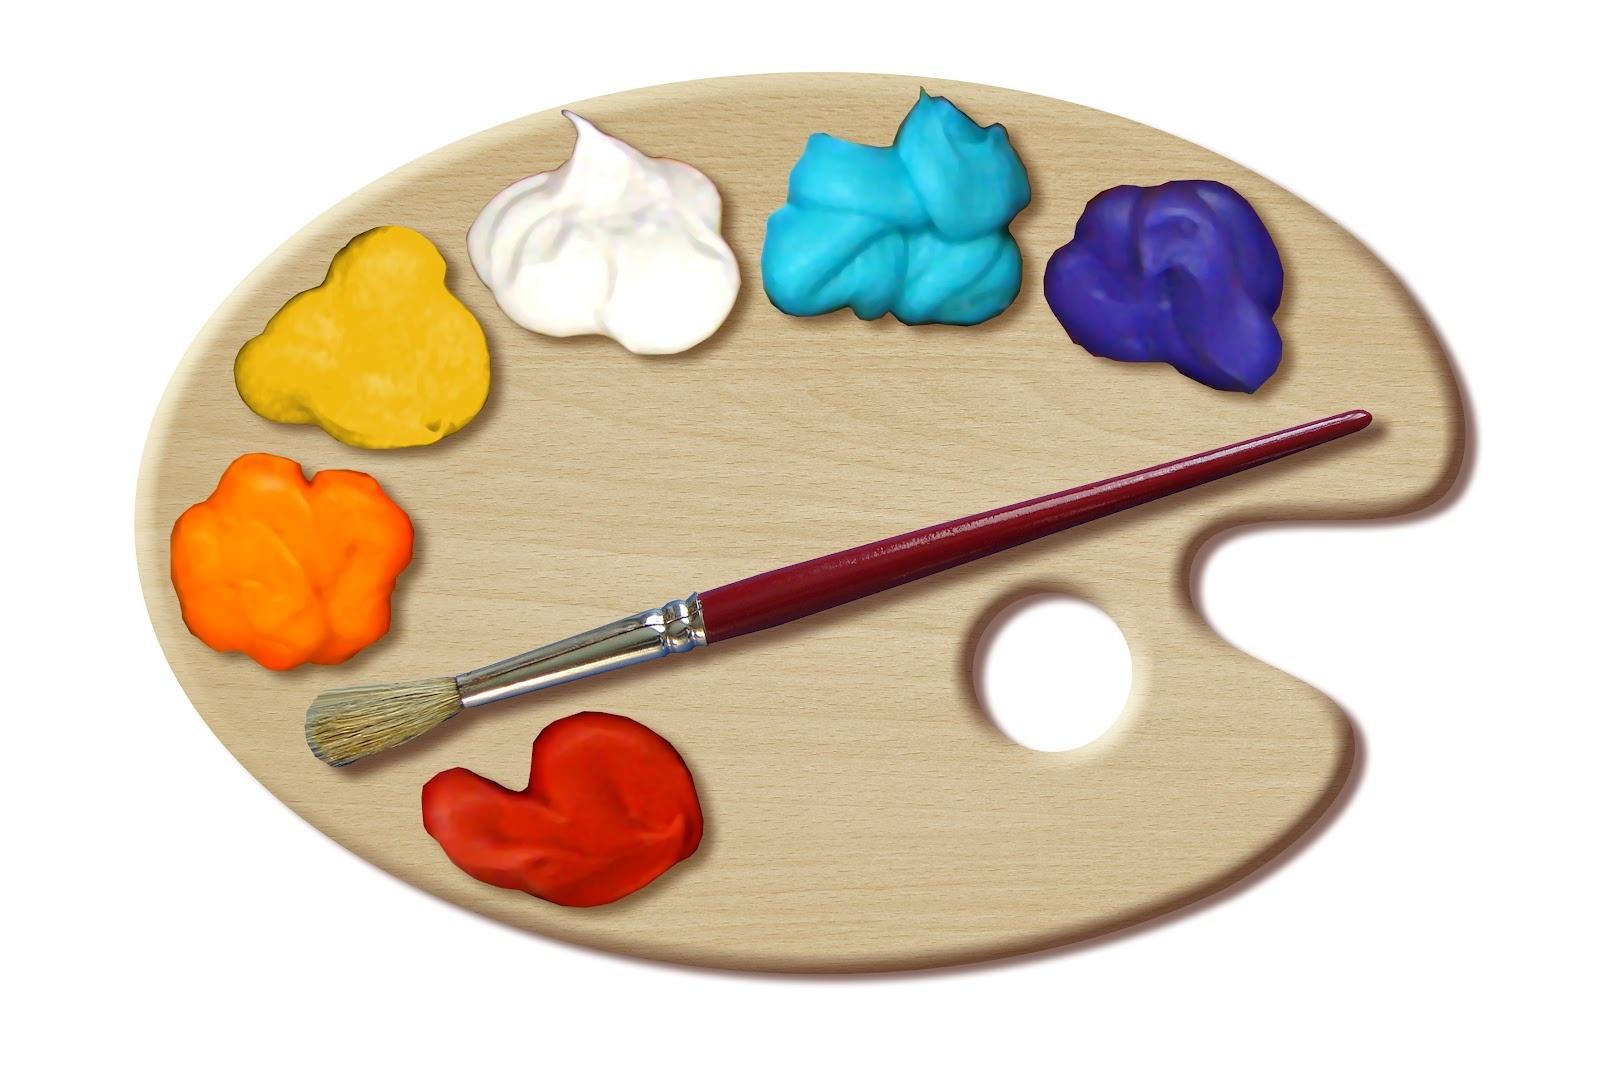 14 Painter's Palette Template Images - Paint Palette Template, Paint - Free Printable Paint Palette